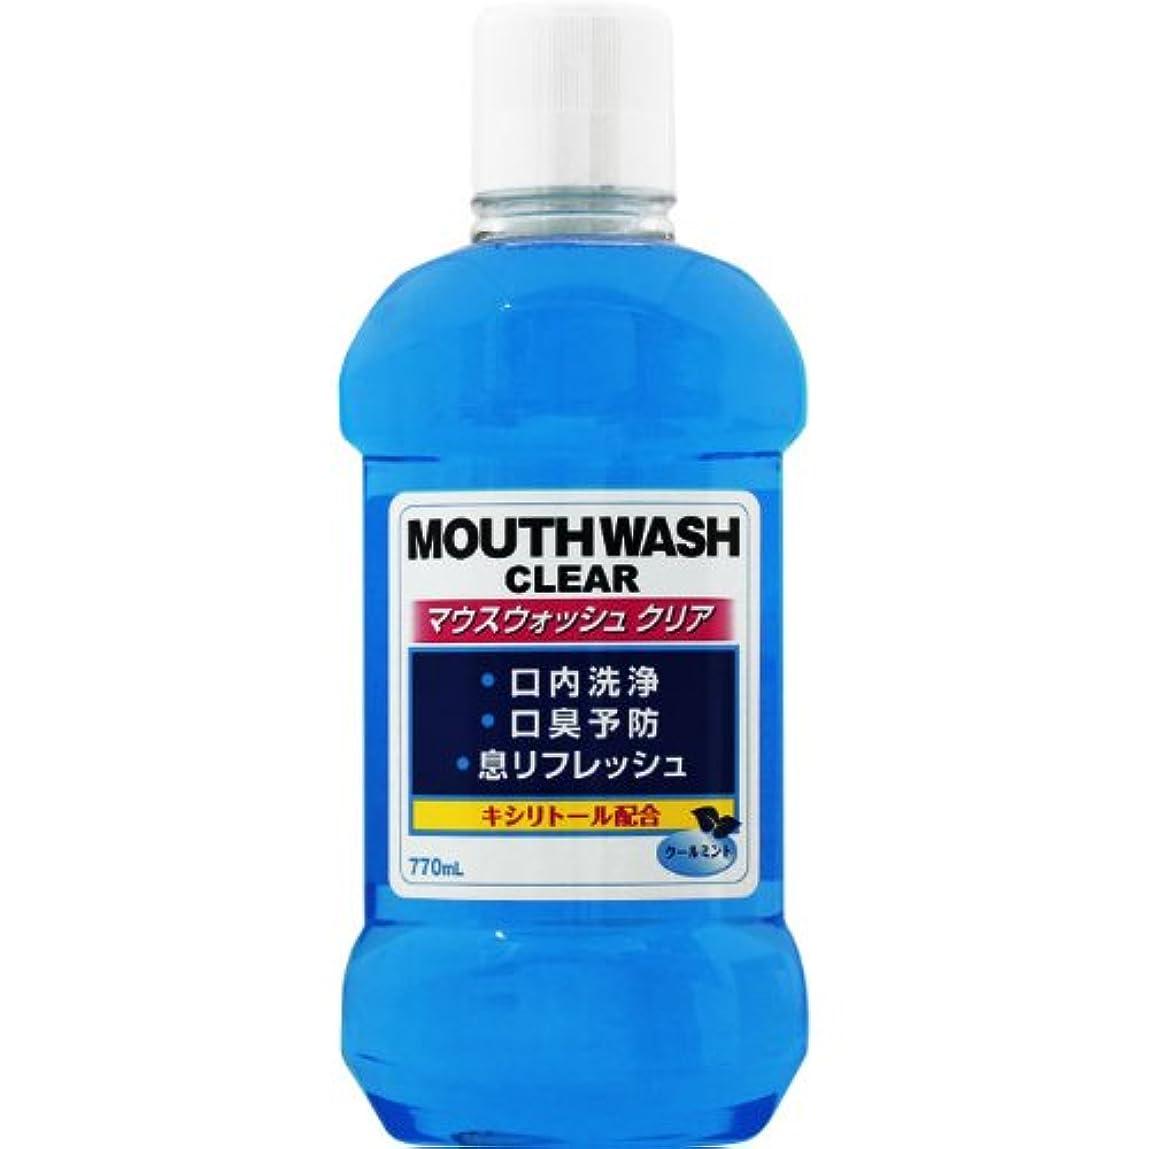 マウスウォッシュクリア「クールミント」ブルー 770mL